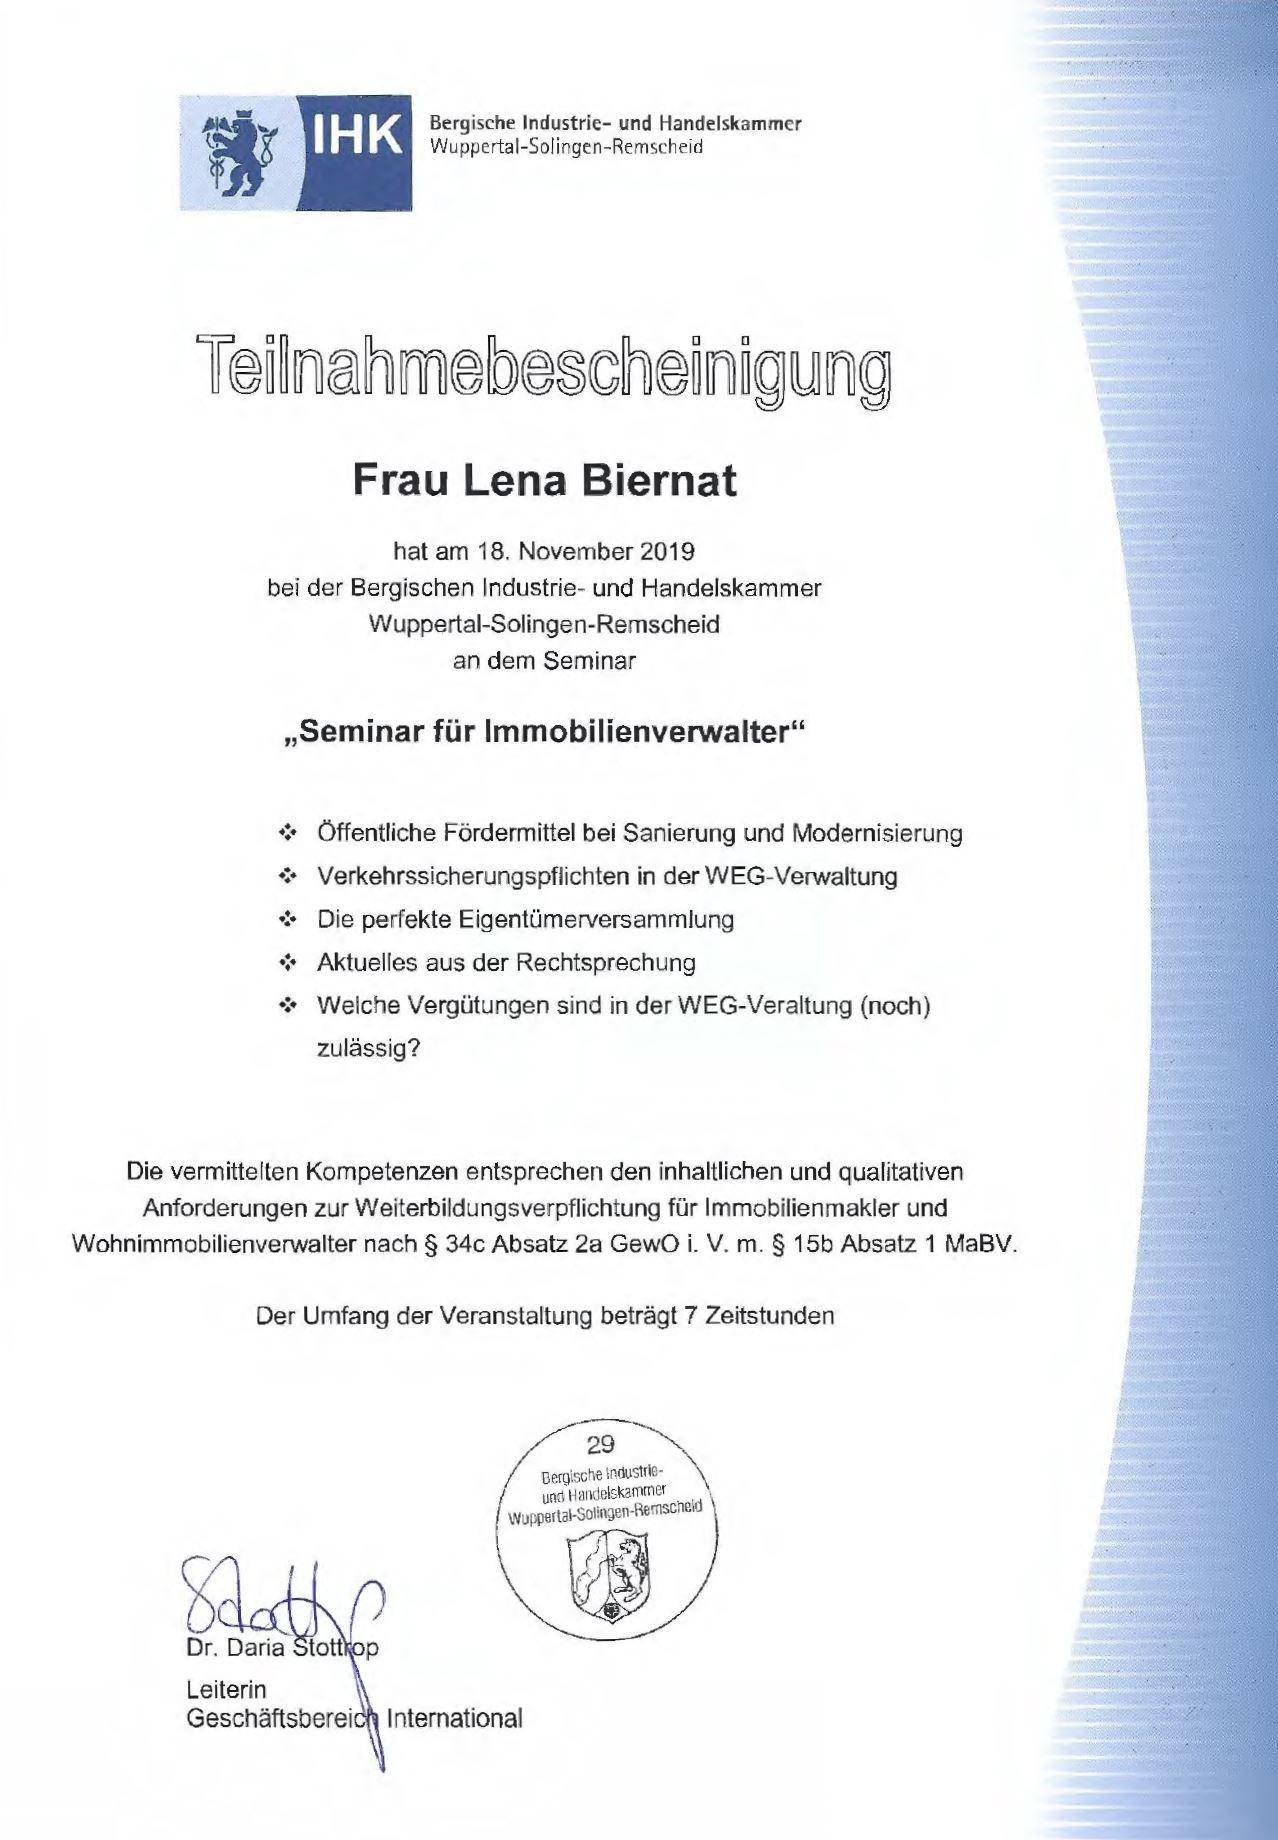 ihk_immobilienverwalter_urkunde_lena_biernat